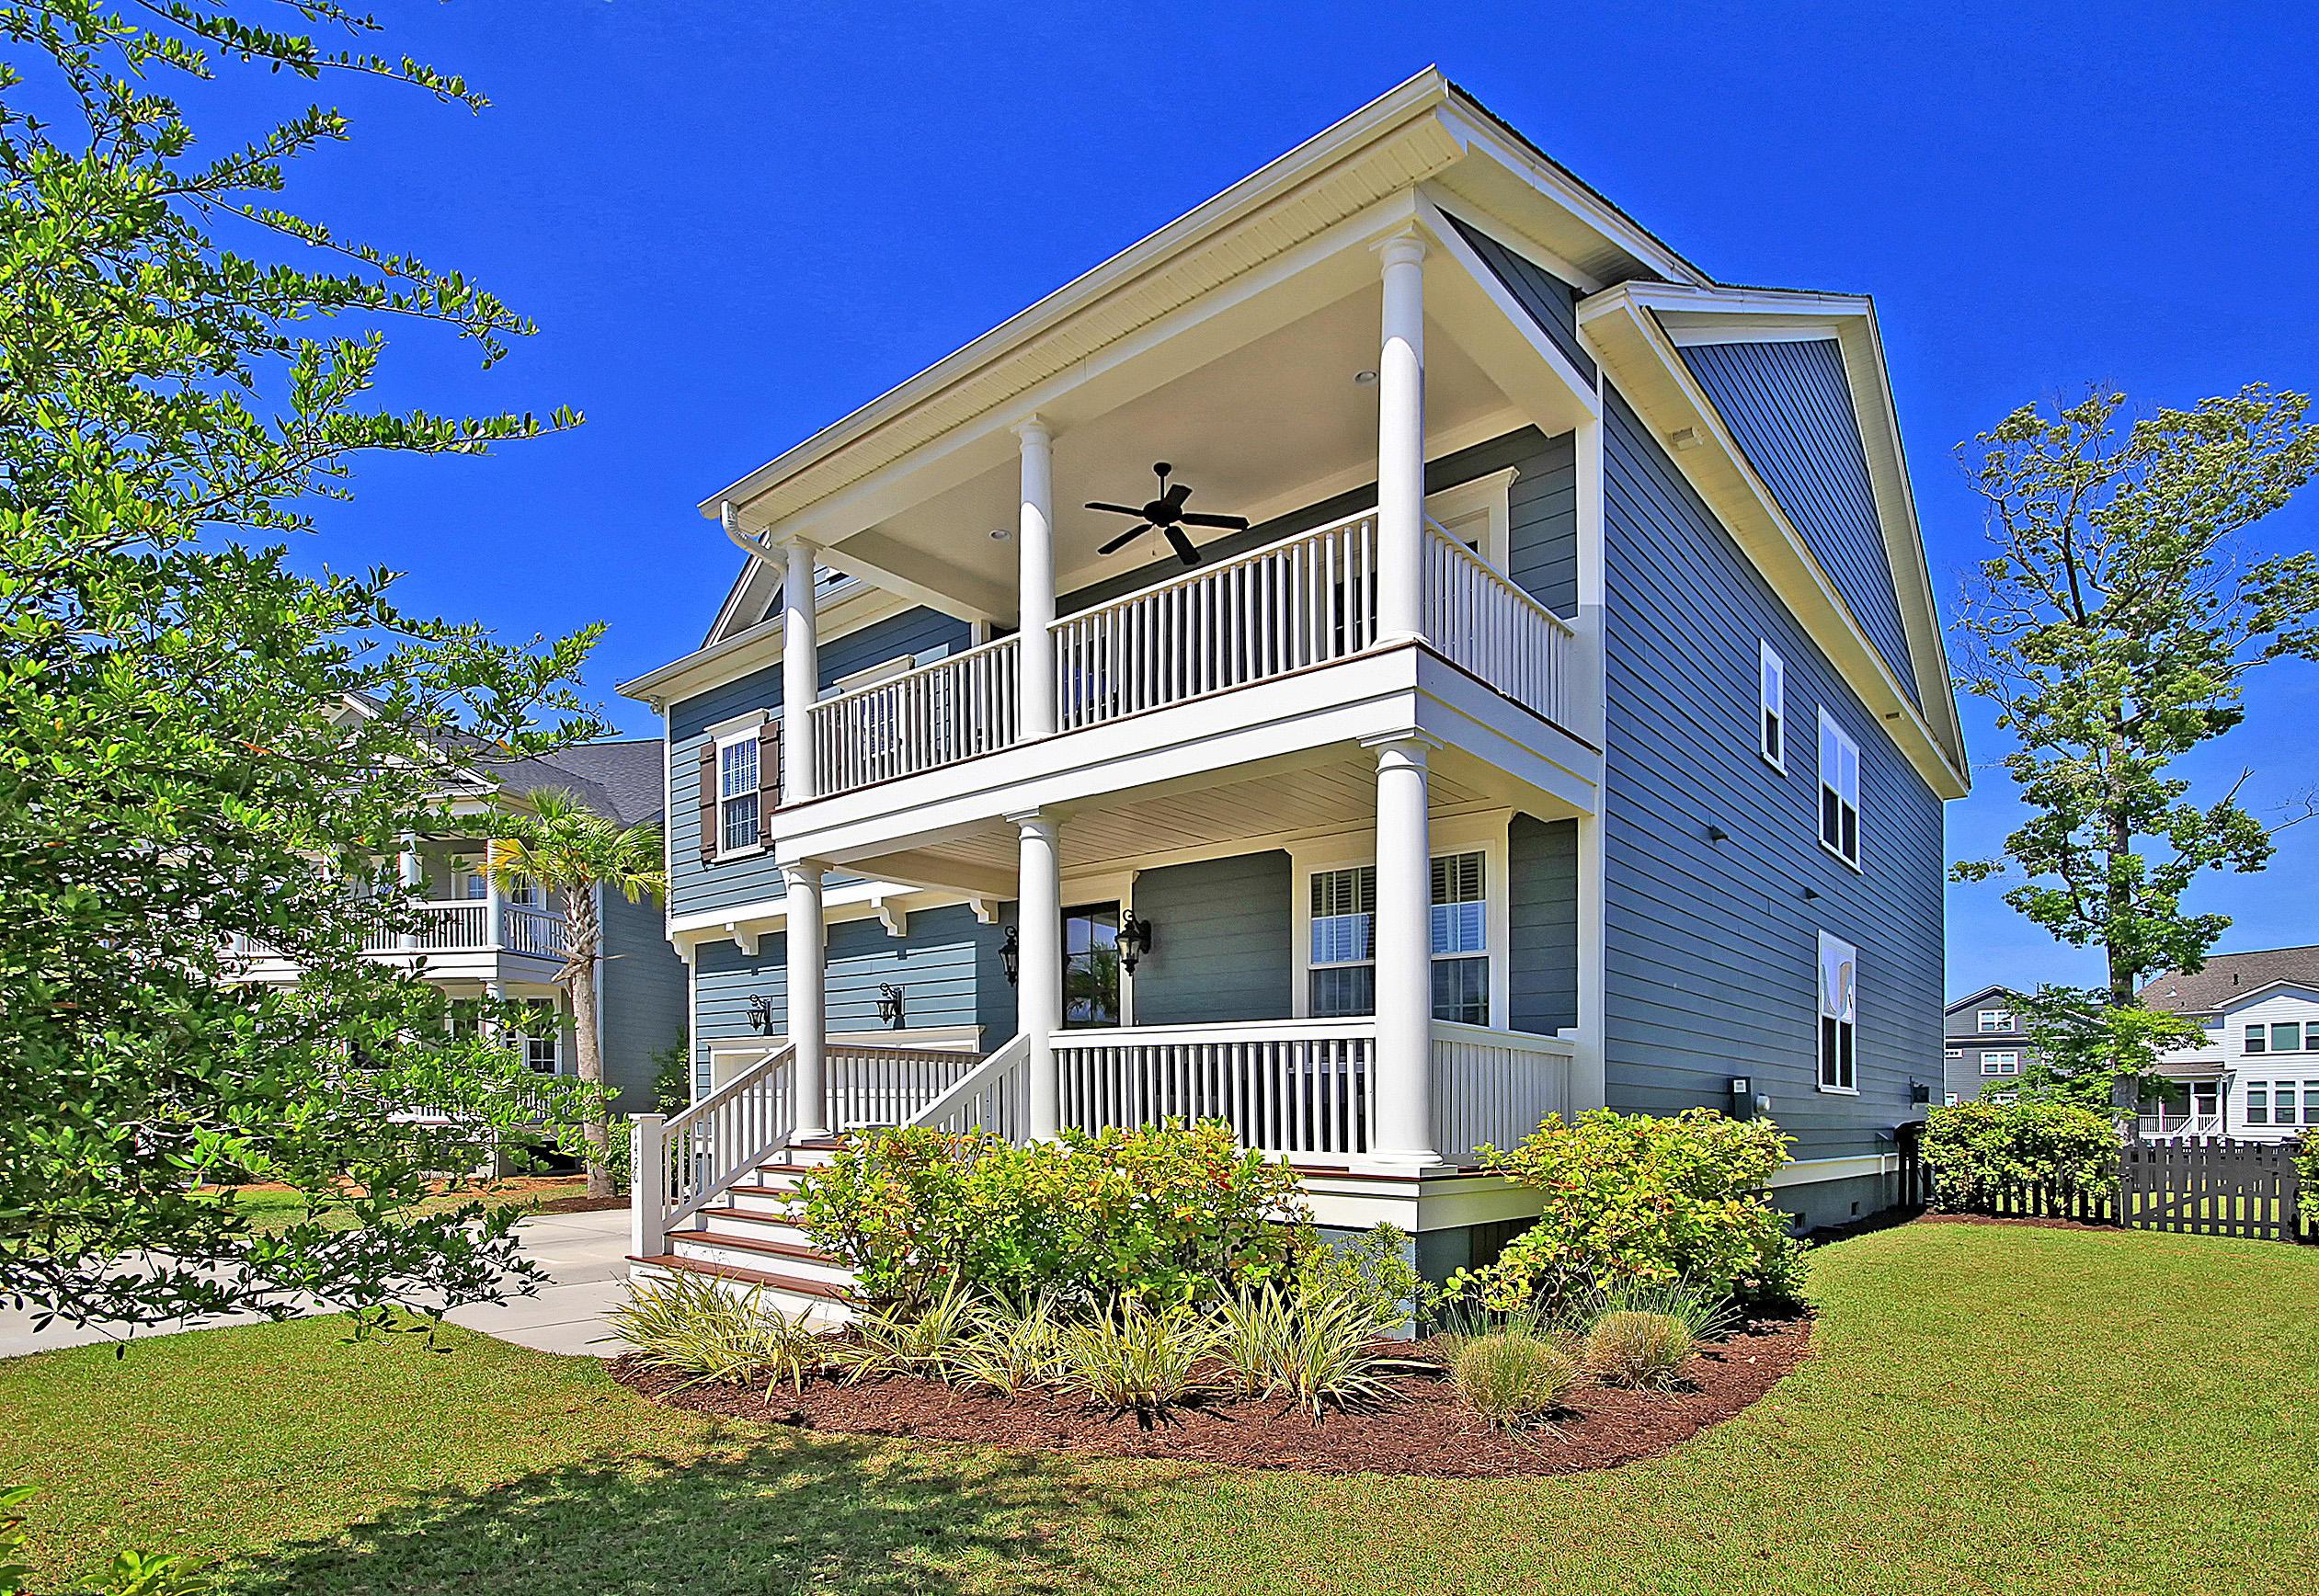 Dunes West Homes For Sale - 1420 Trip Line, Mount Pleasant, SC - 4